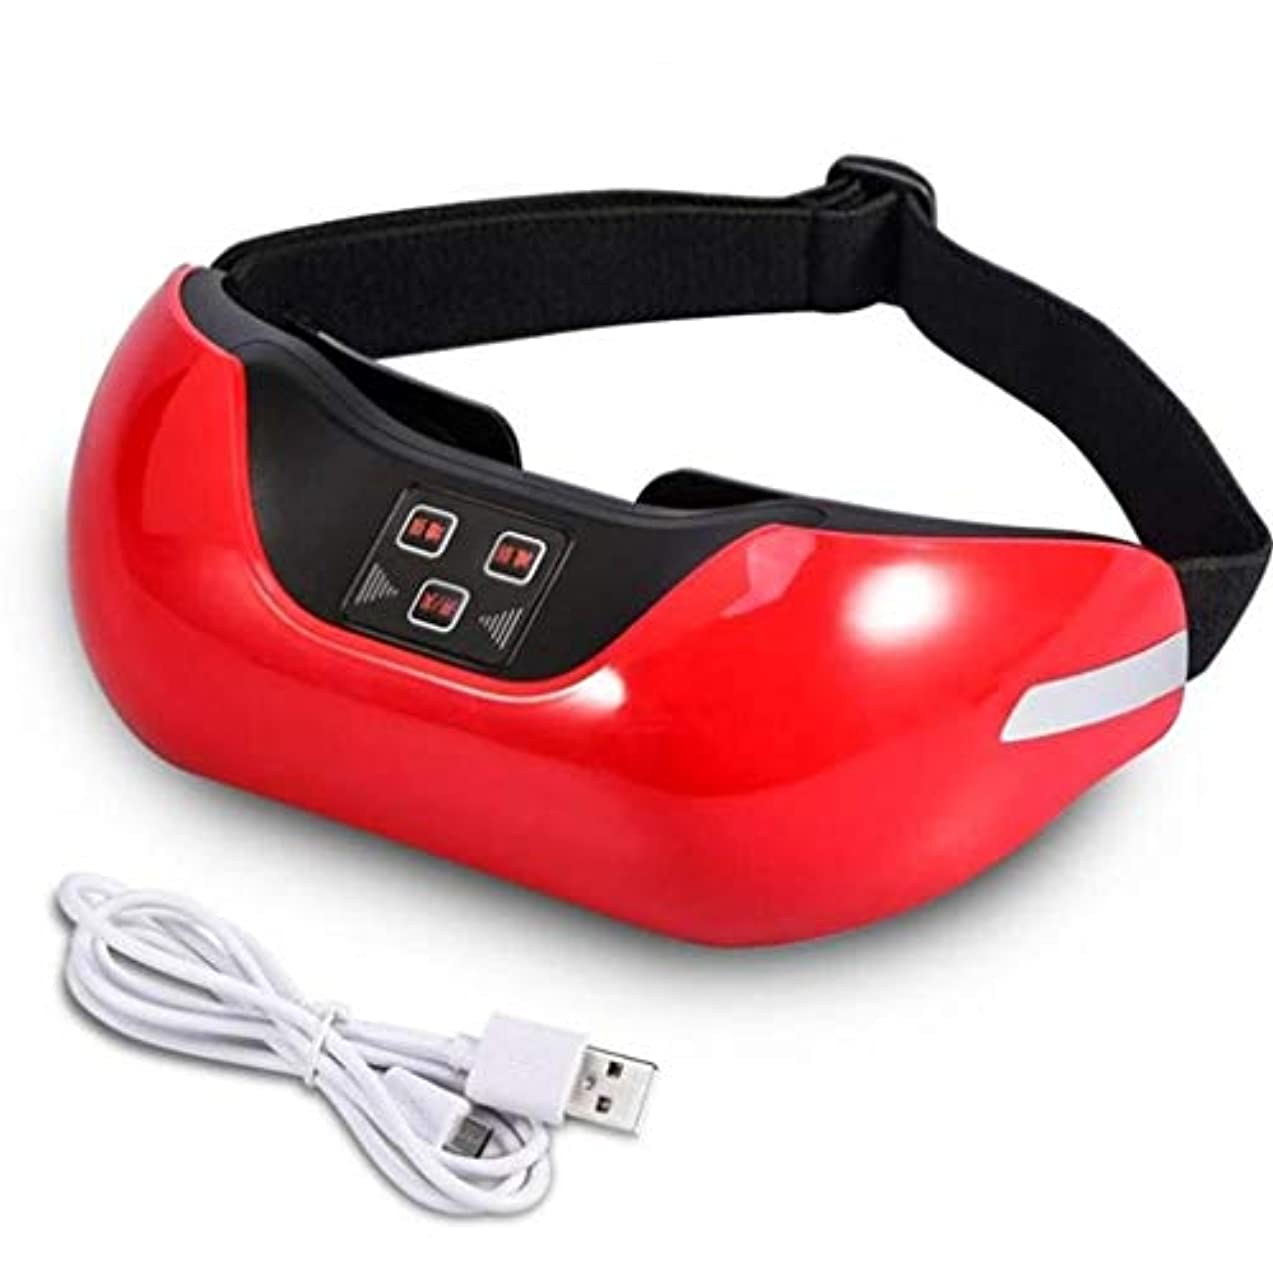 乱す重要なアストロラーベアイマッサージャー、ワイヤレス3D充電式グリーンアイリカバリービジョン電動マッサージャー、修復ビジョンマッサージャー、アイケアツールは血液循環を促進し、疲労を和らげます (Color : Red)